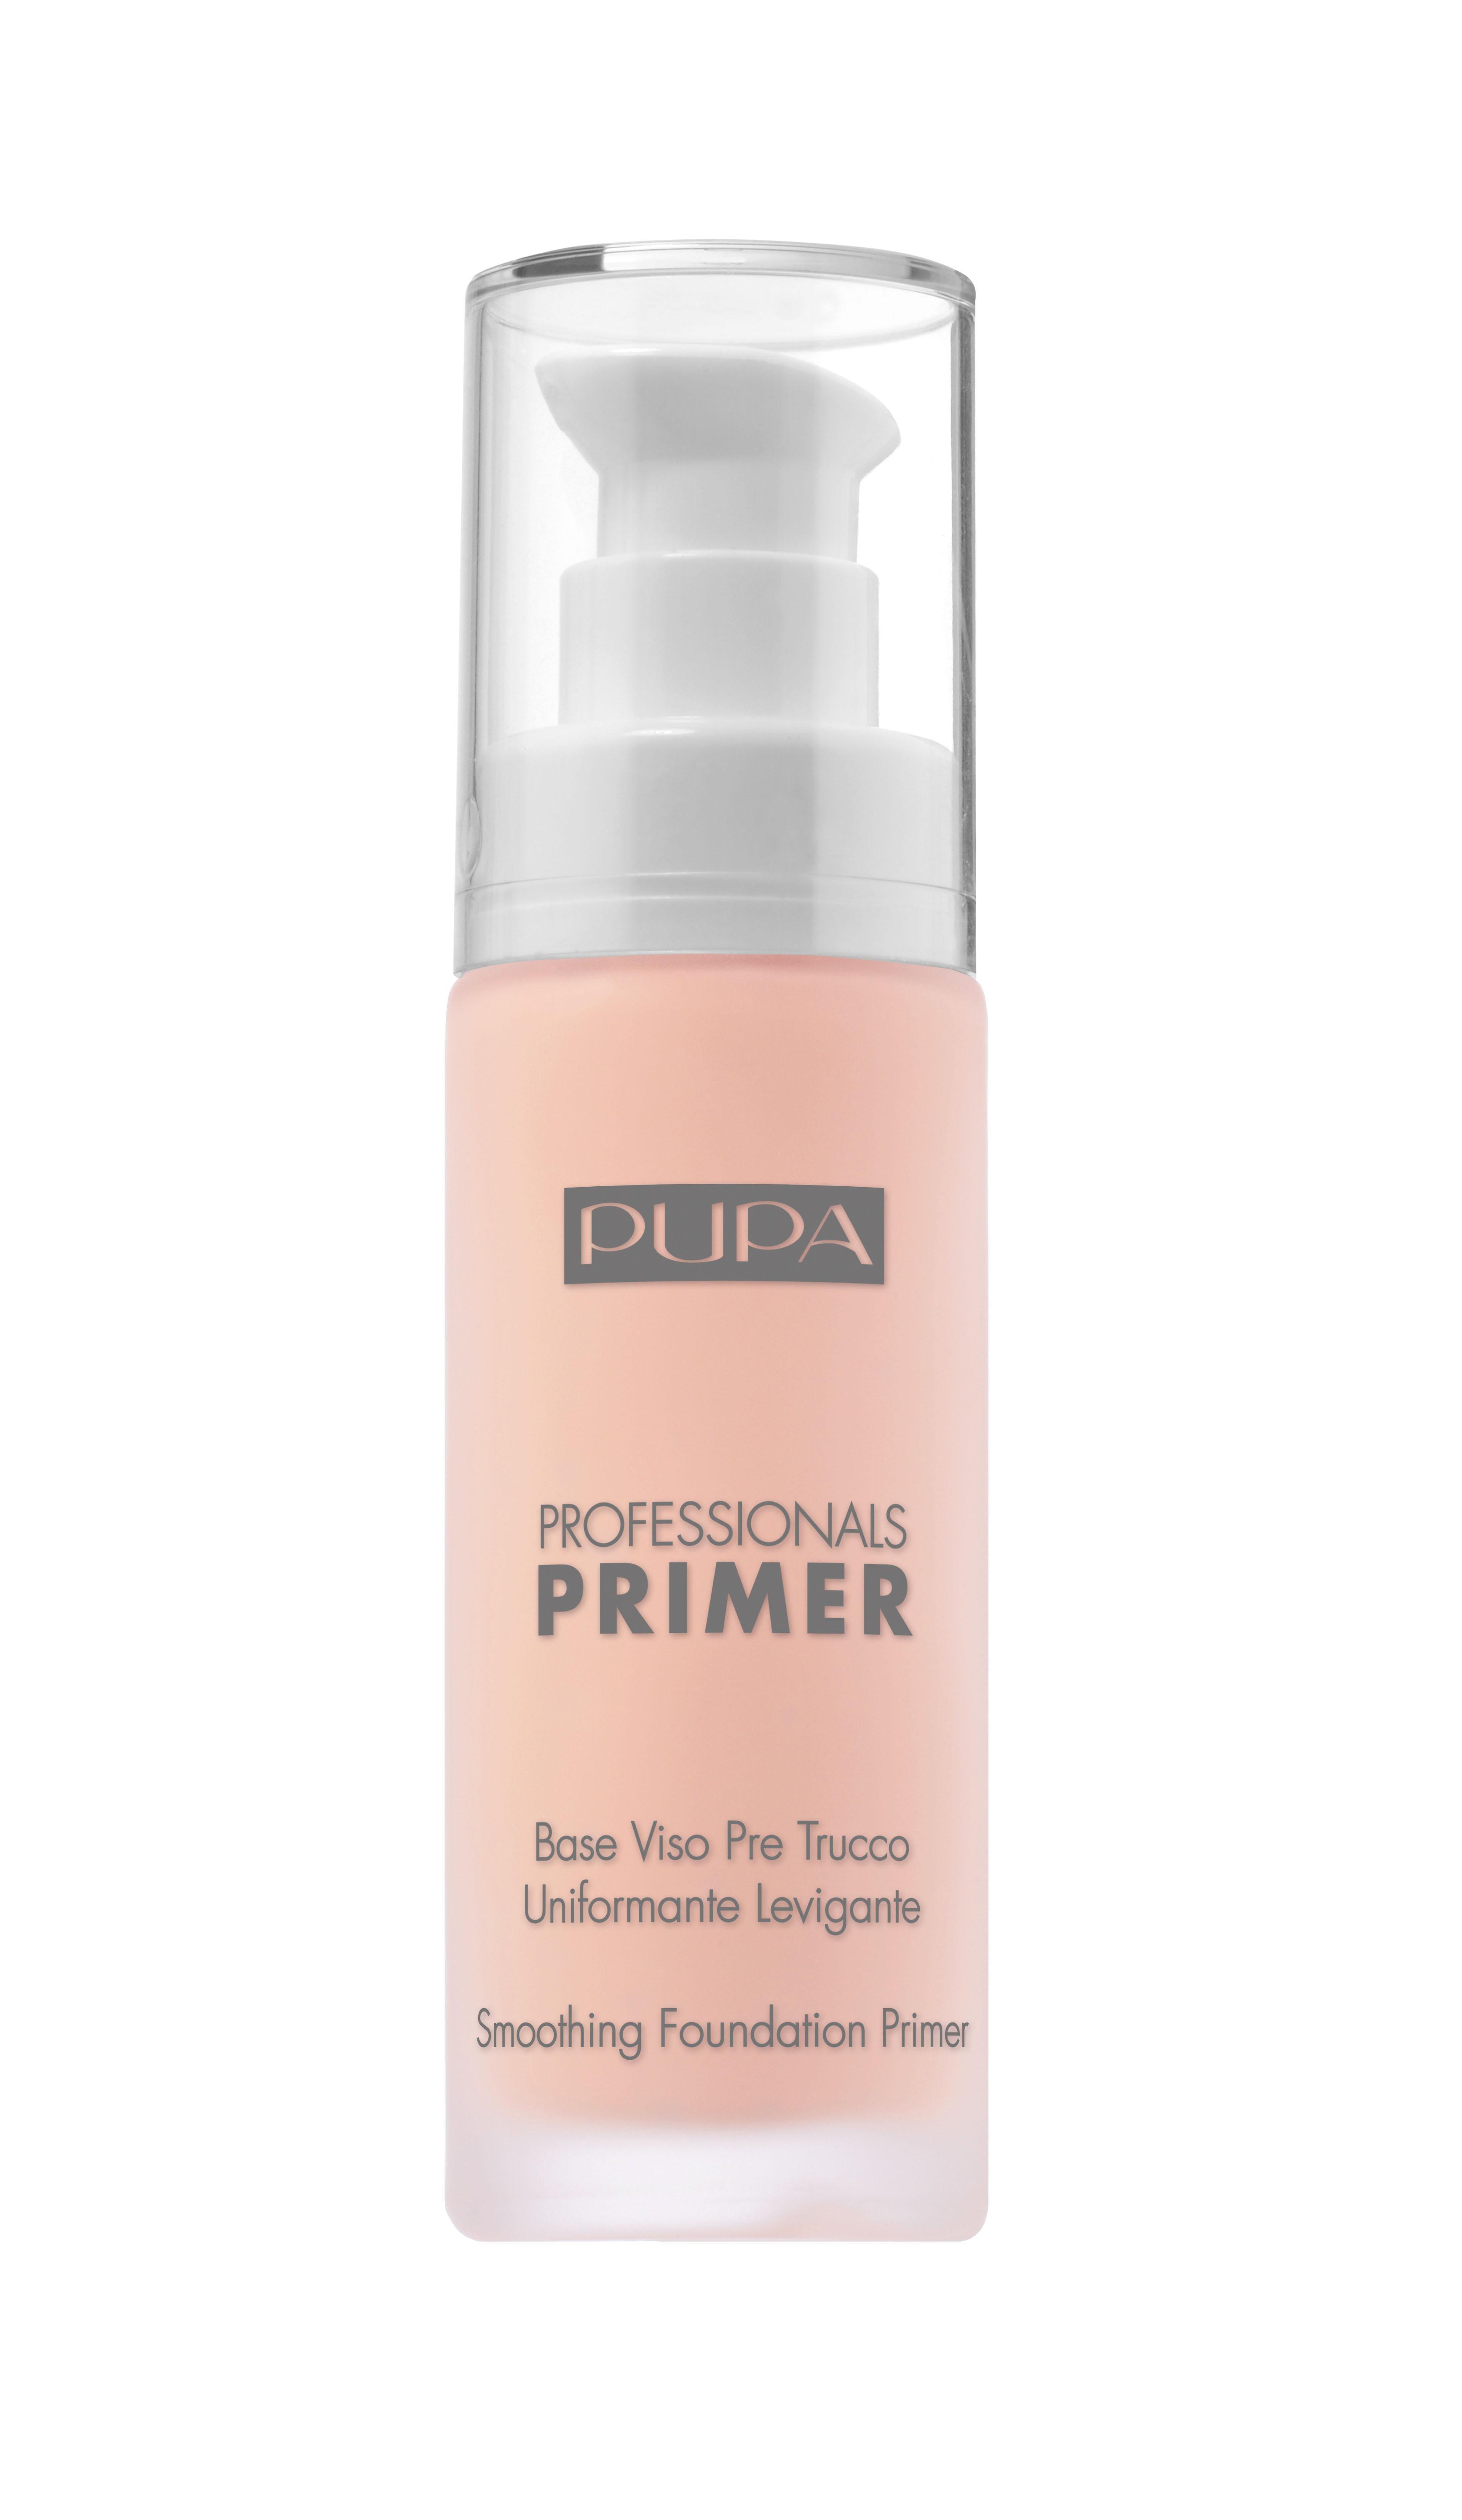 PUPA Основа под макияж, 005 Эффект здоровой кожи / PROFESSIONALS Smoothing Foundation Primer 30 мл